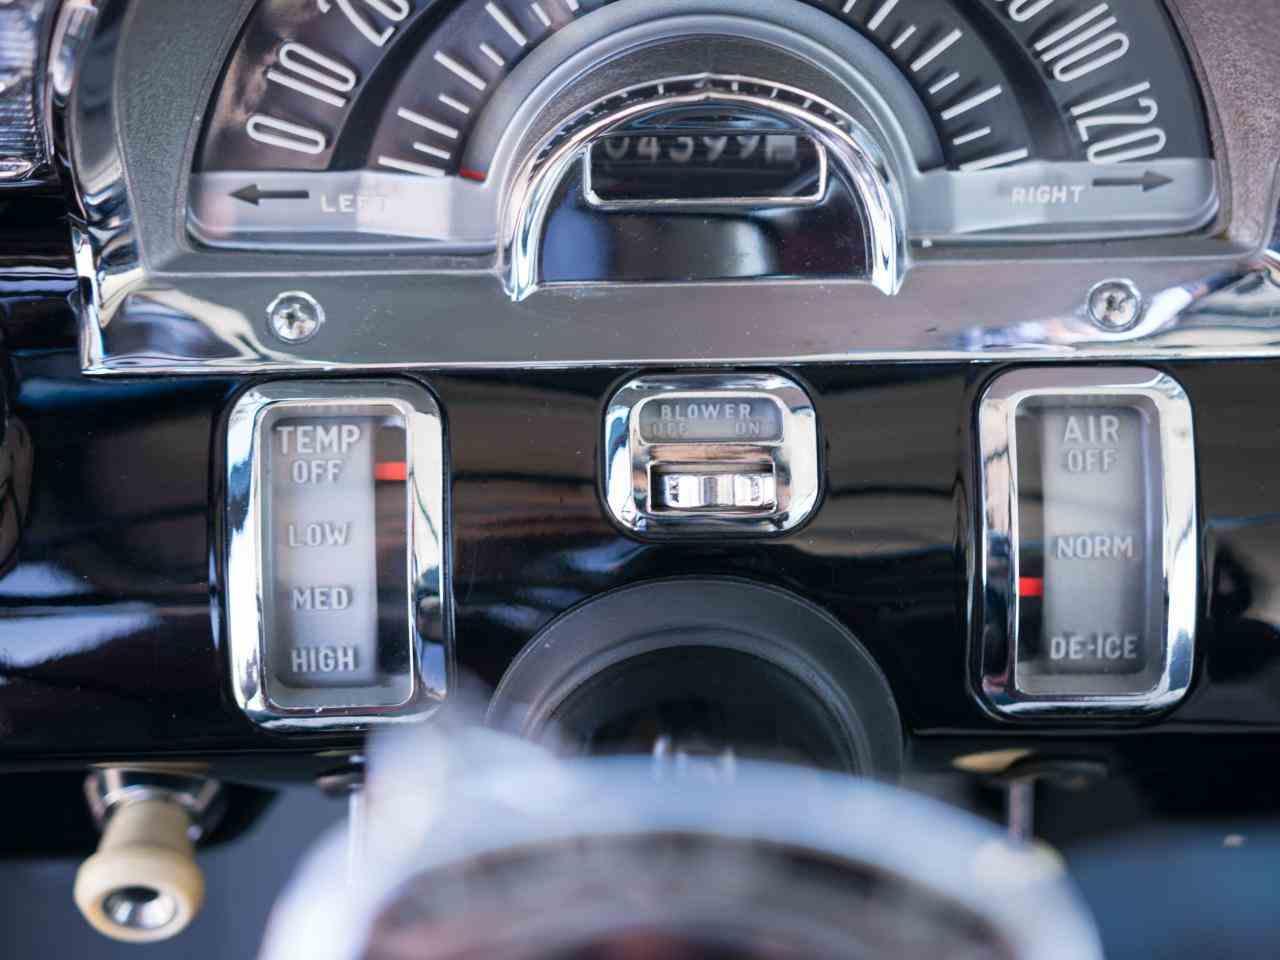 Auto Meter Tach Wiring 2098 - Wiring Diagram